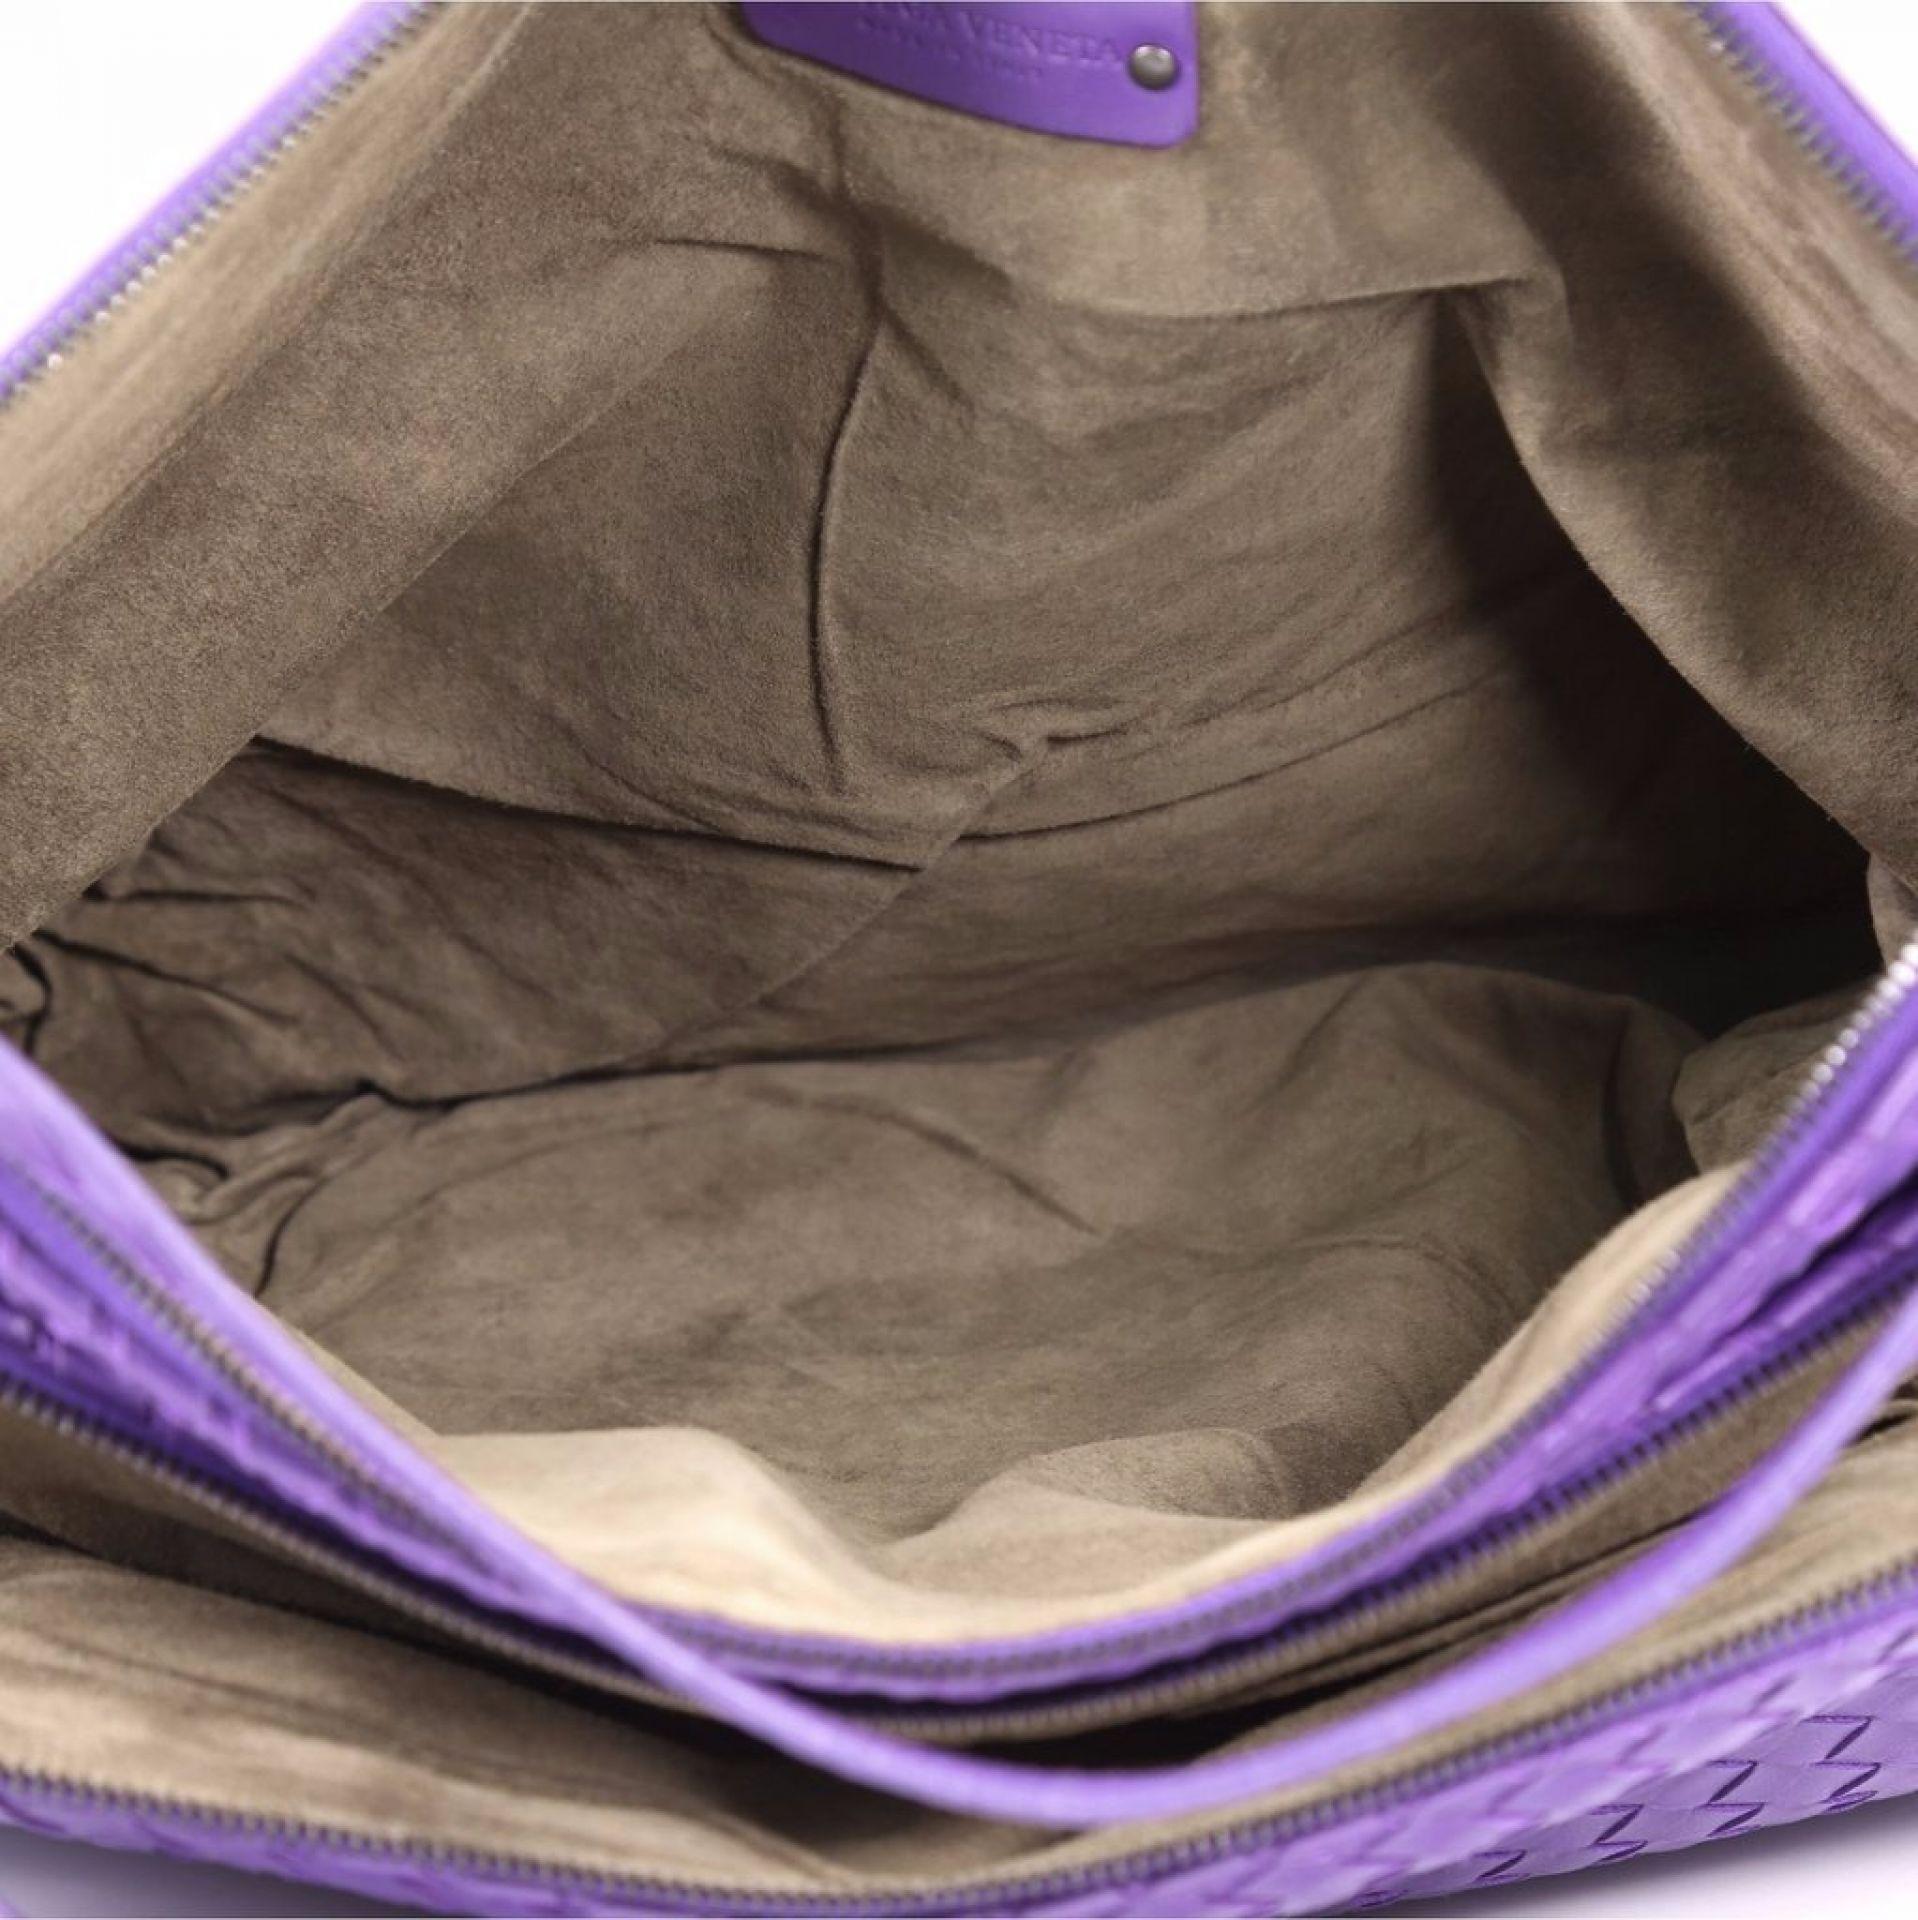 Bottega Veneta Double Compartment Tote Intrecciato Nappa Large